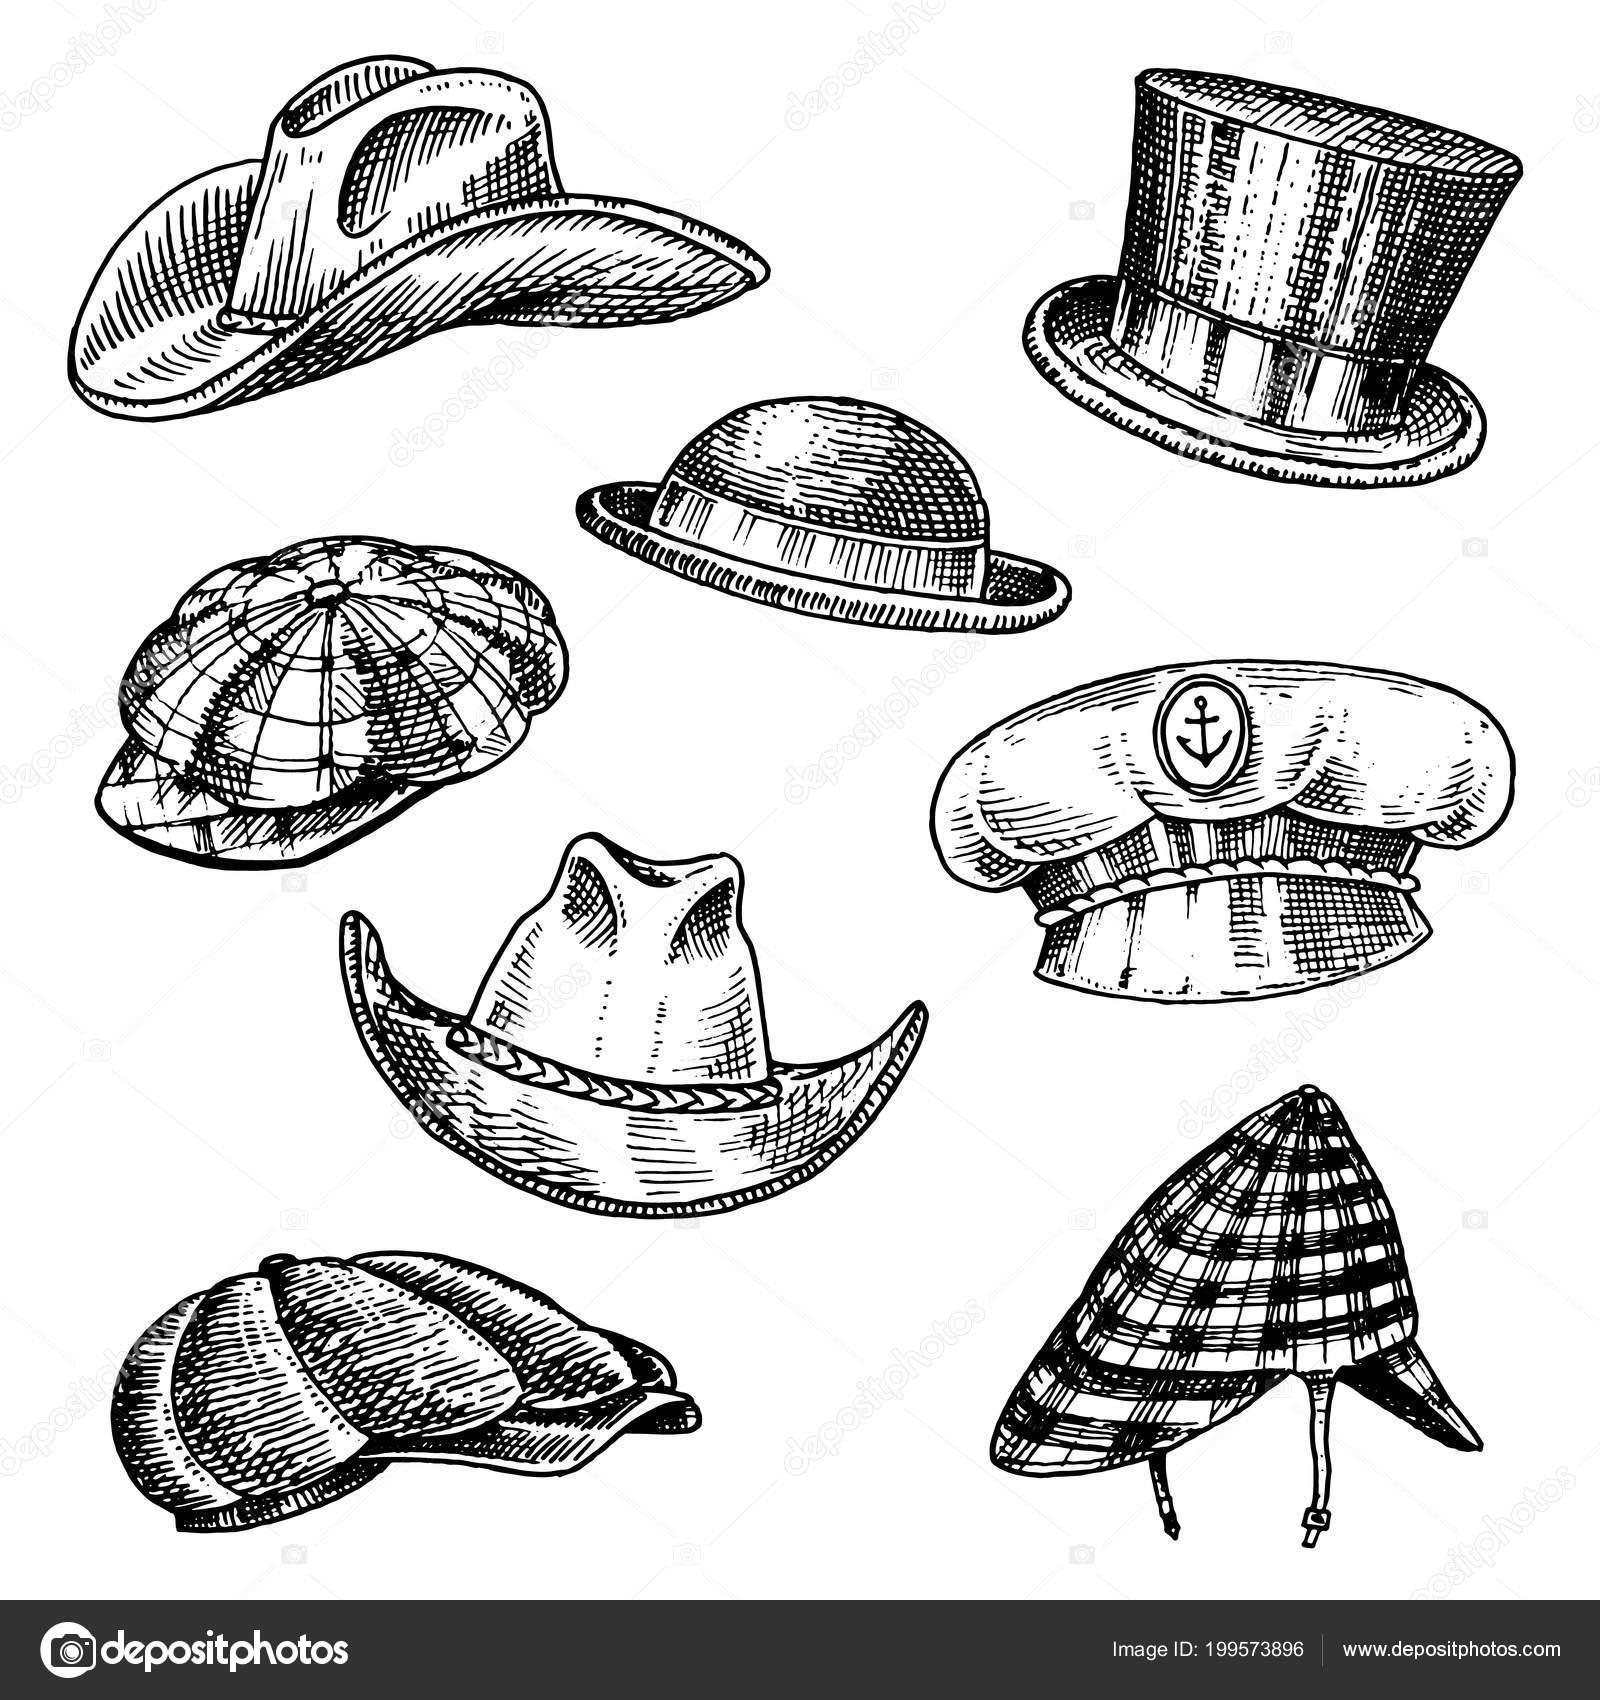 Verano colección vintage sombreros para hombres elegantes. Tapa Derby  Deerstalker Homburg Bowler paja boina capitán vaquero sombrero navegante  alcanzó su ... 66f1f83a5c9